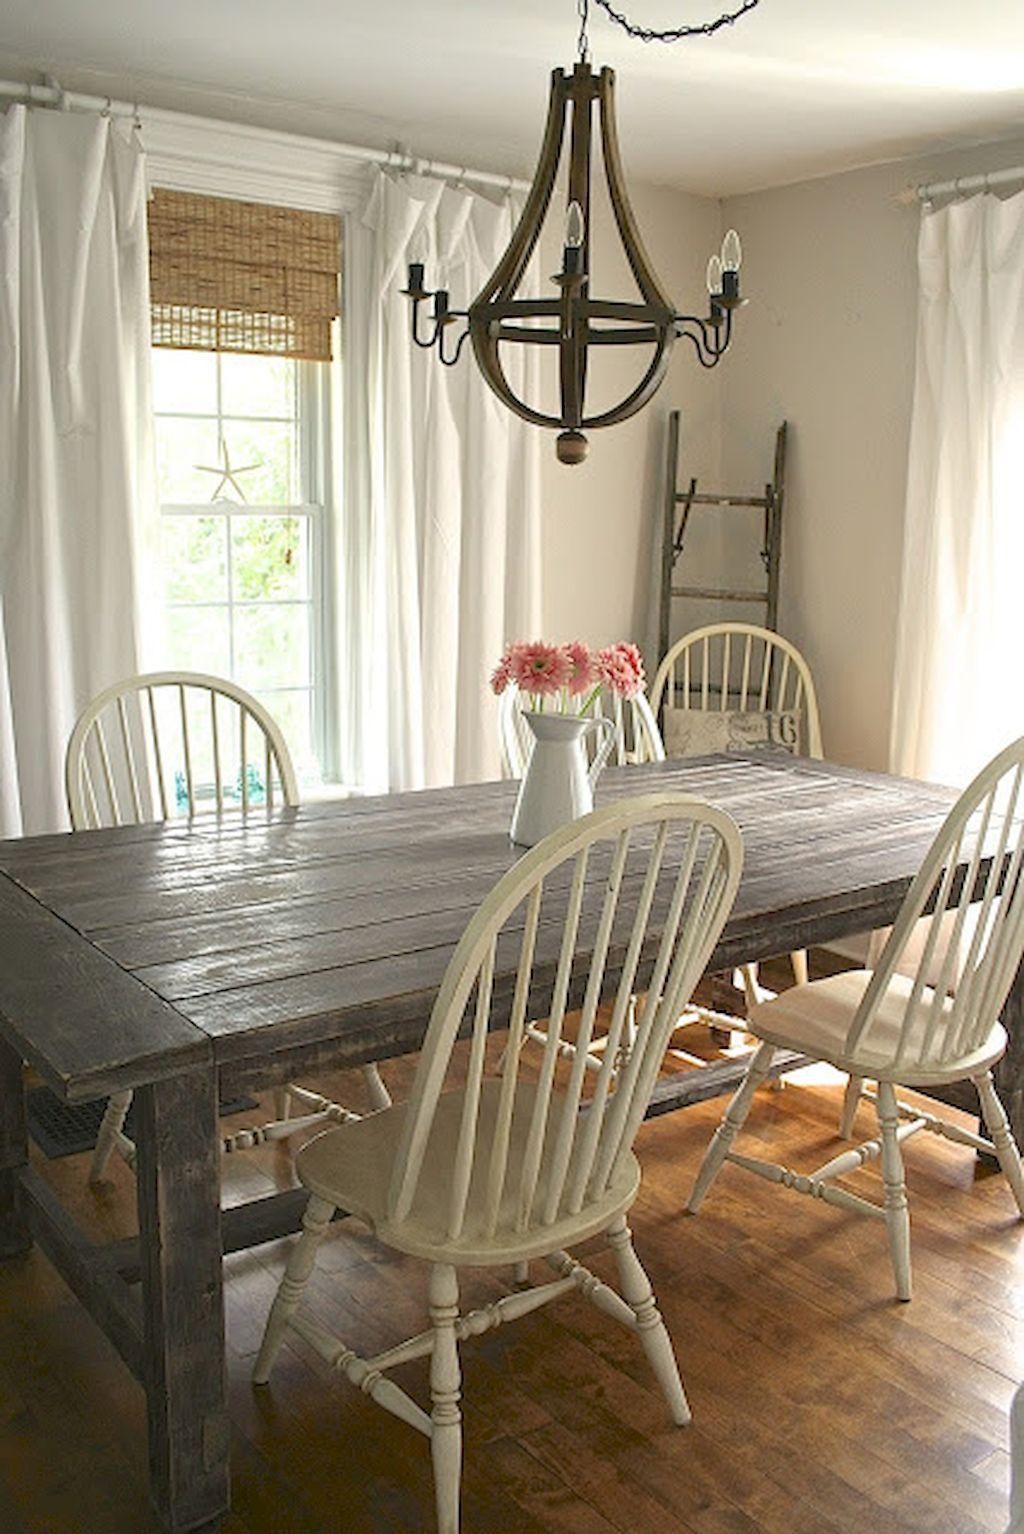 70+ Adorable Farmhouse Dining Room Ideas [Simply and ... on Farmhouse Dining Room Curtain Ideas  id=99143